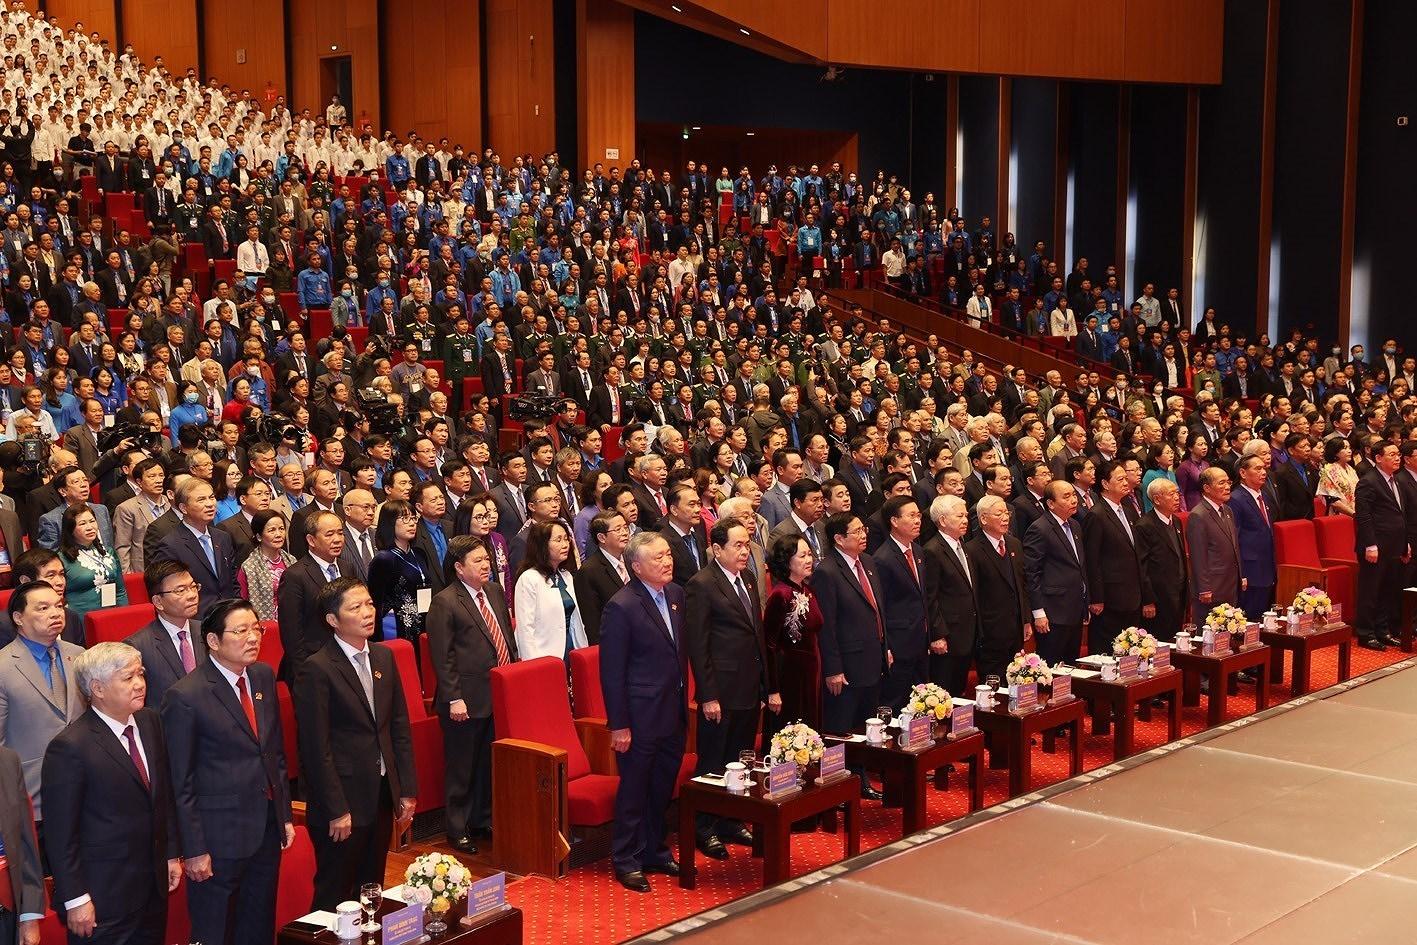 Ceremonia por el aniversario 90 de Union de Jovenes Comunistas Ho Chi Minh hinh anh 5